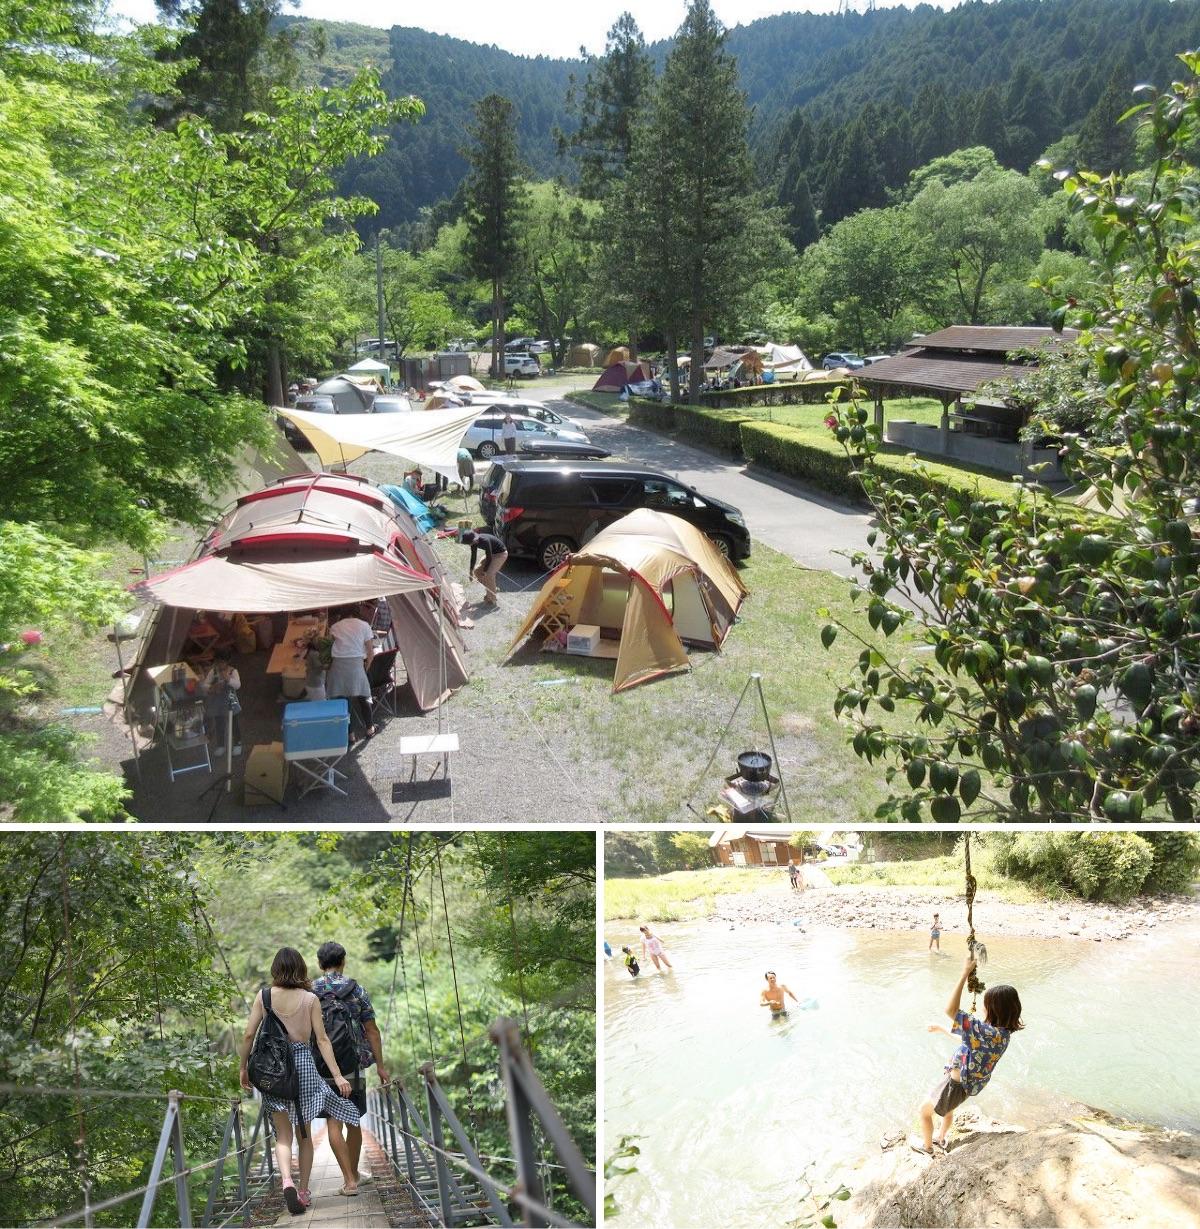 場 の なら キャンプ ここ 里 ならここの里に泊まって利用しました